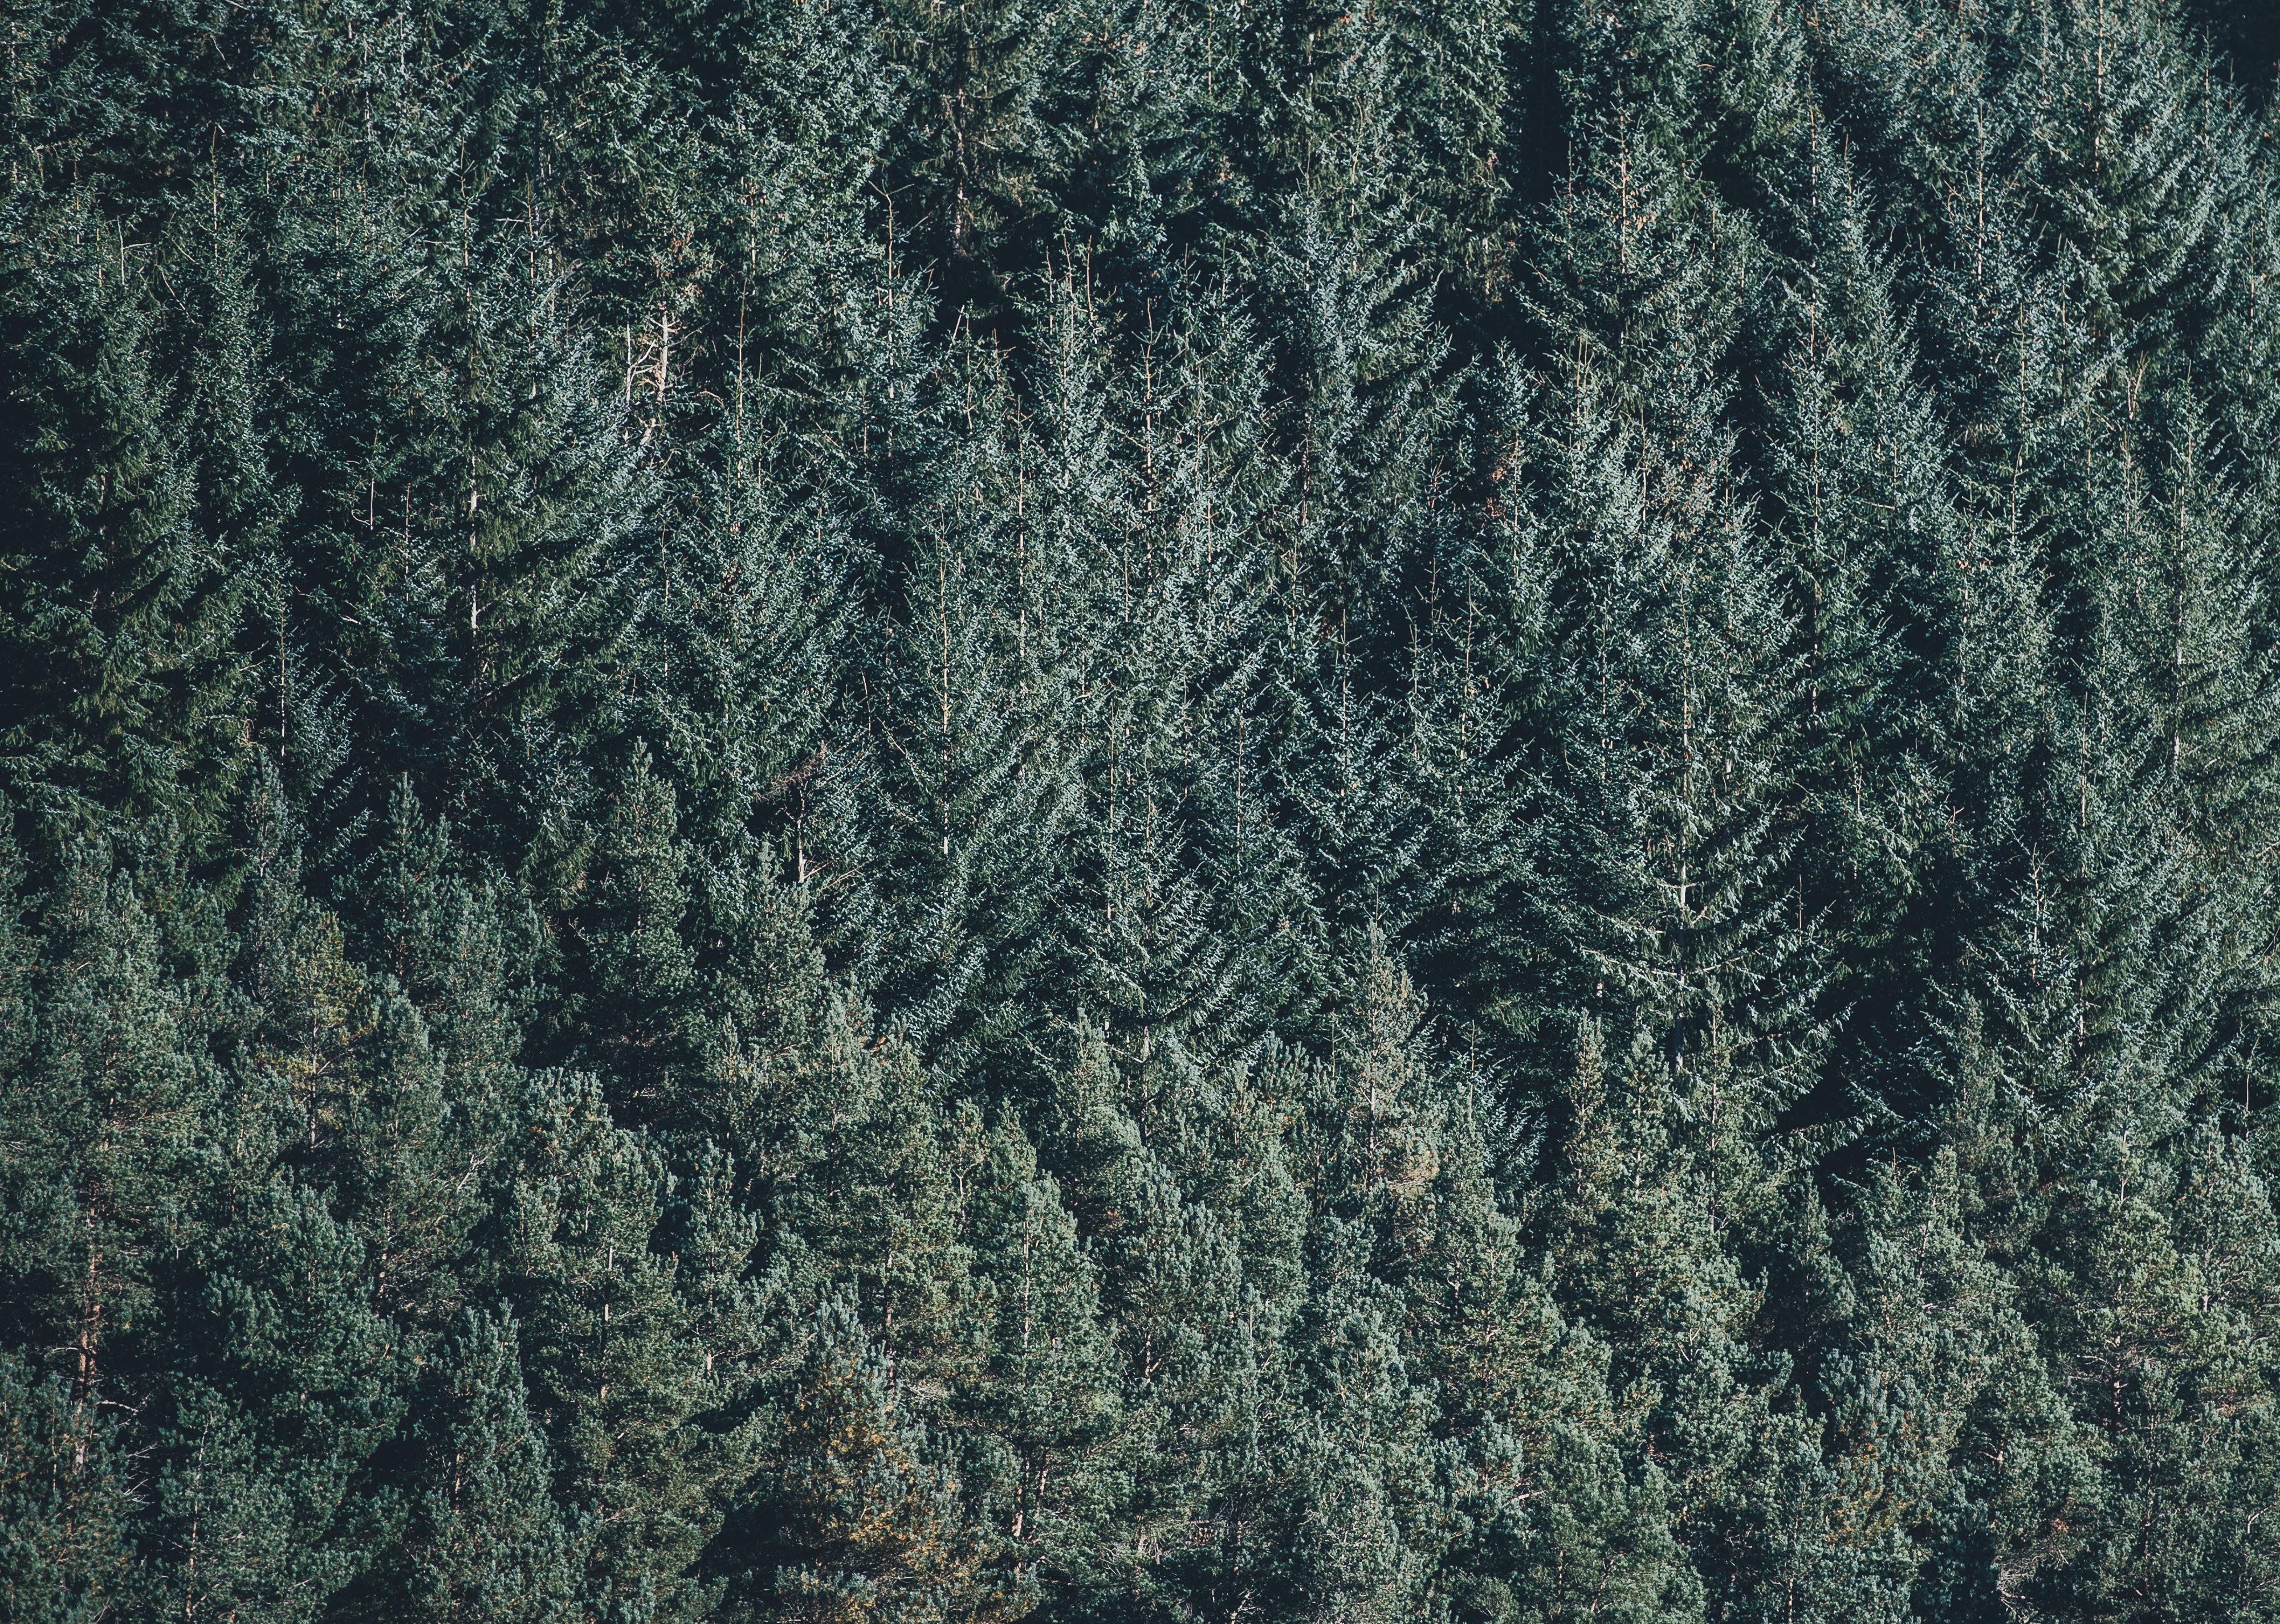 Images Gratuites Arbre La Nature Foret Branche Plante Texture Feuille Gel Environnement Vert A Feuilles Persistantes Sapin Conifere Les Bois Epicea Coniferes Fond D Ecran Habitat Ecosysteme Pins Biome Sapins Plante Ligneuse